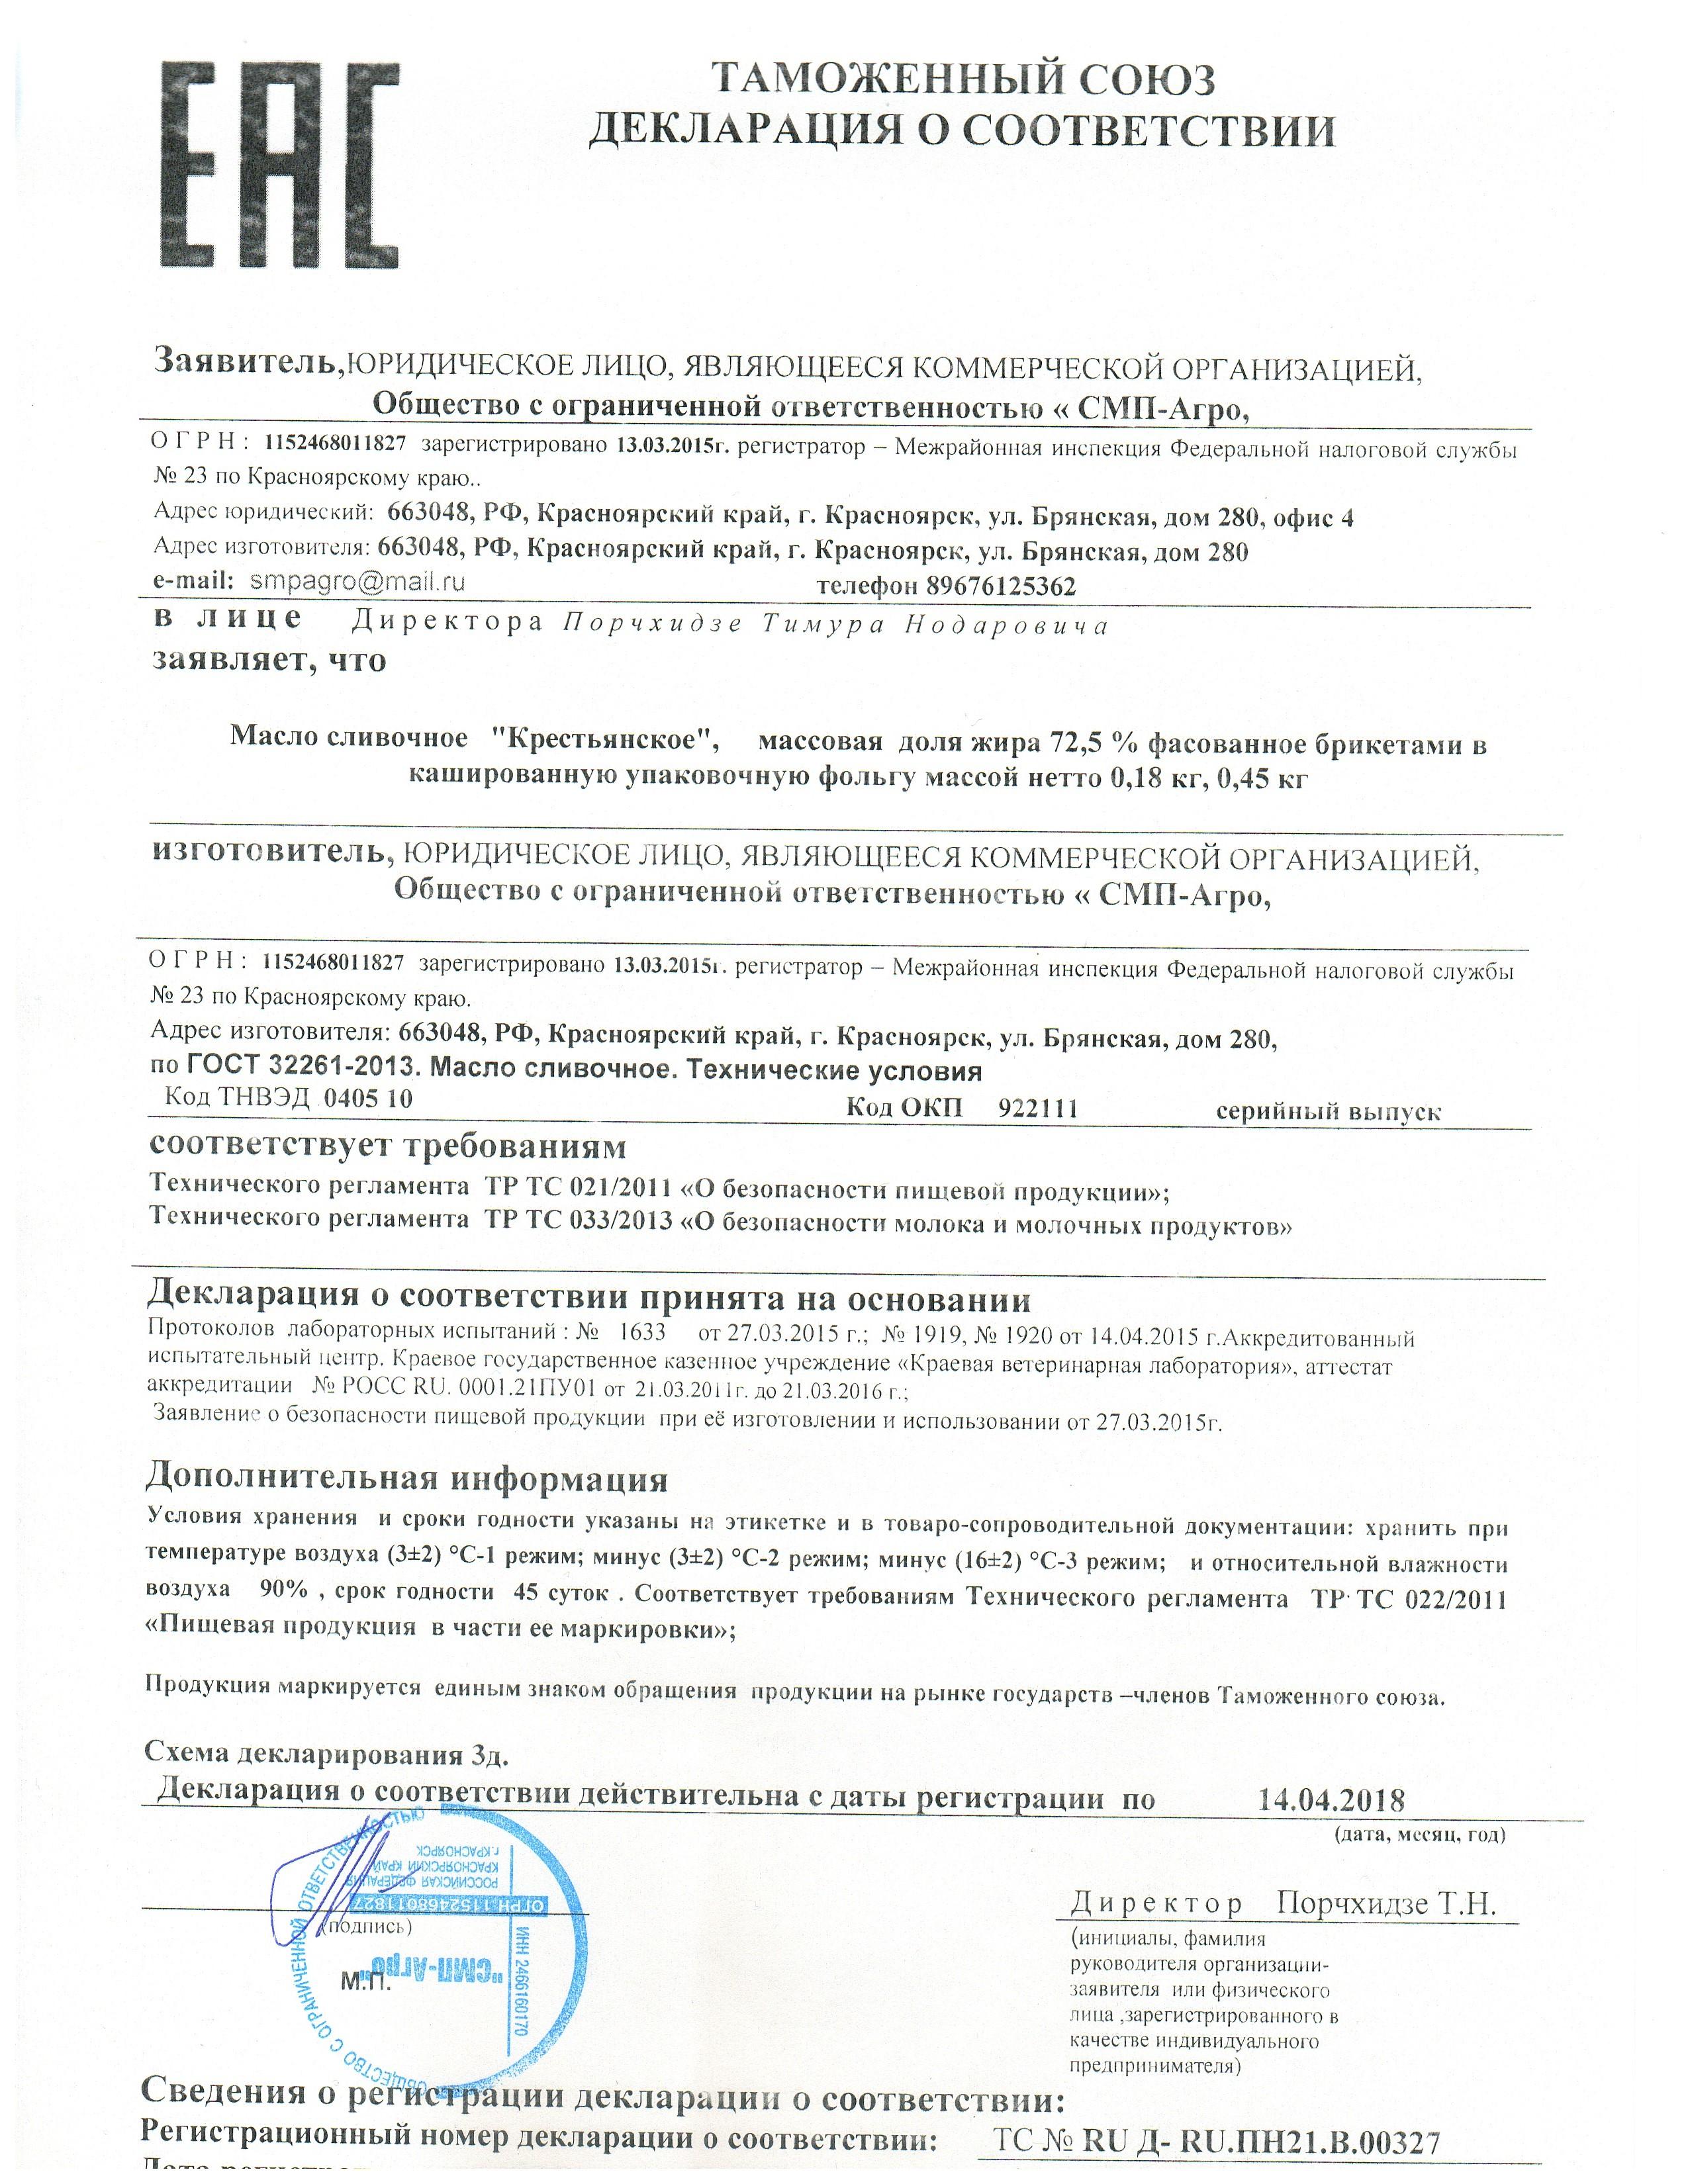 deklaratsii-chlenov-pravitelstva